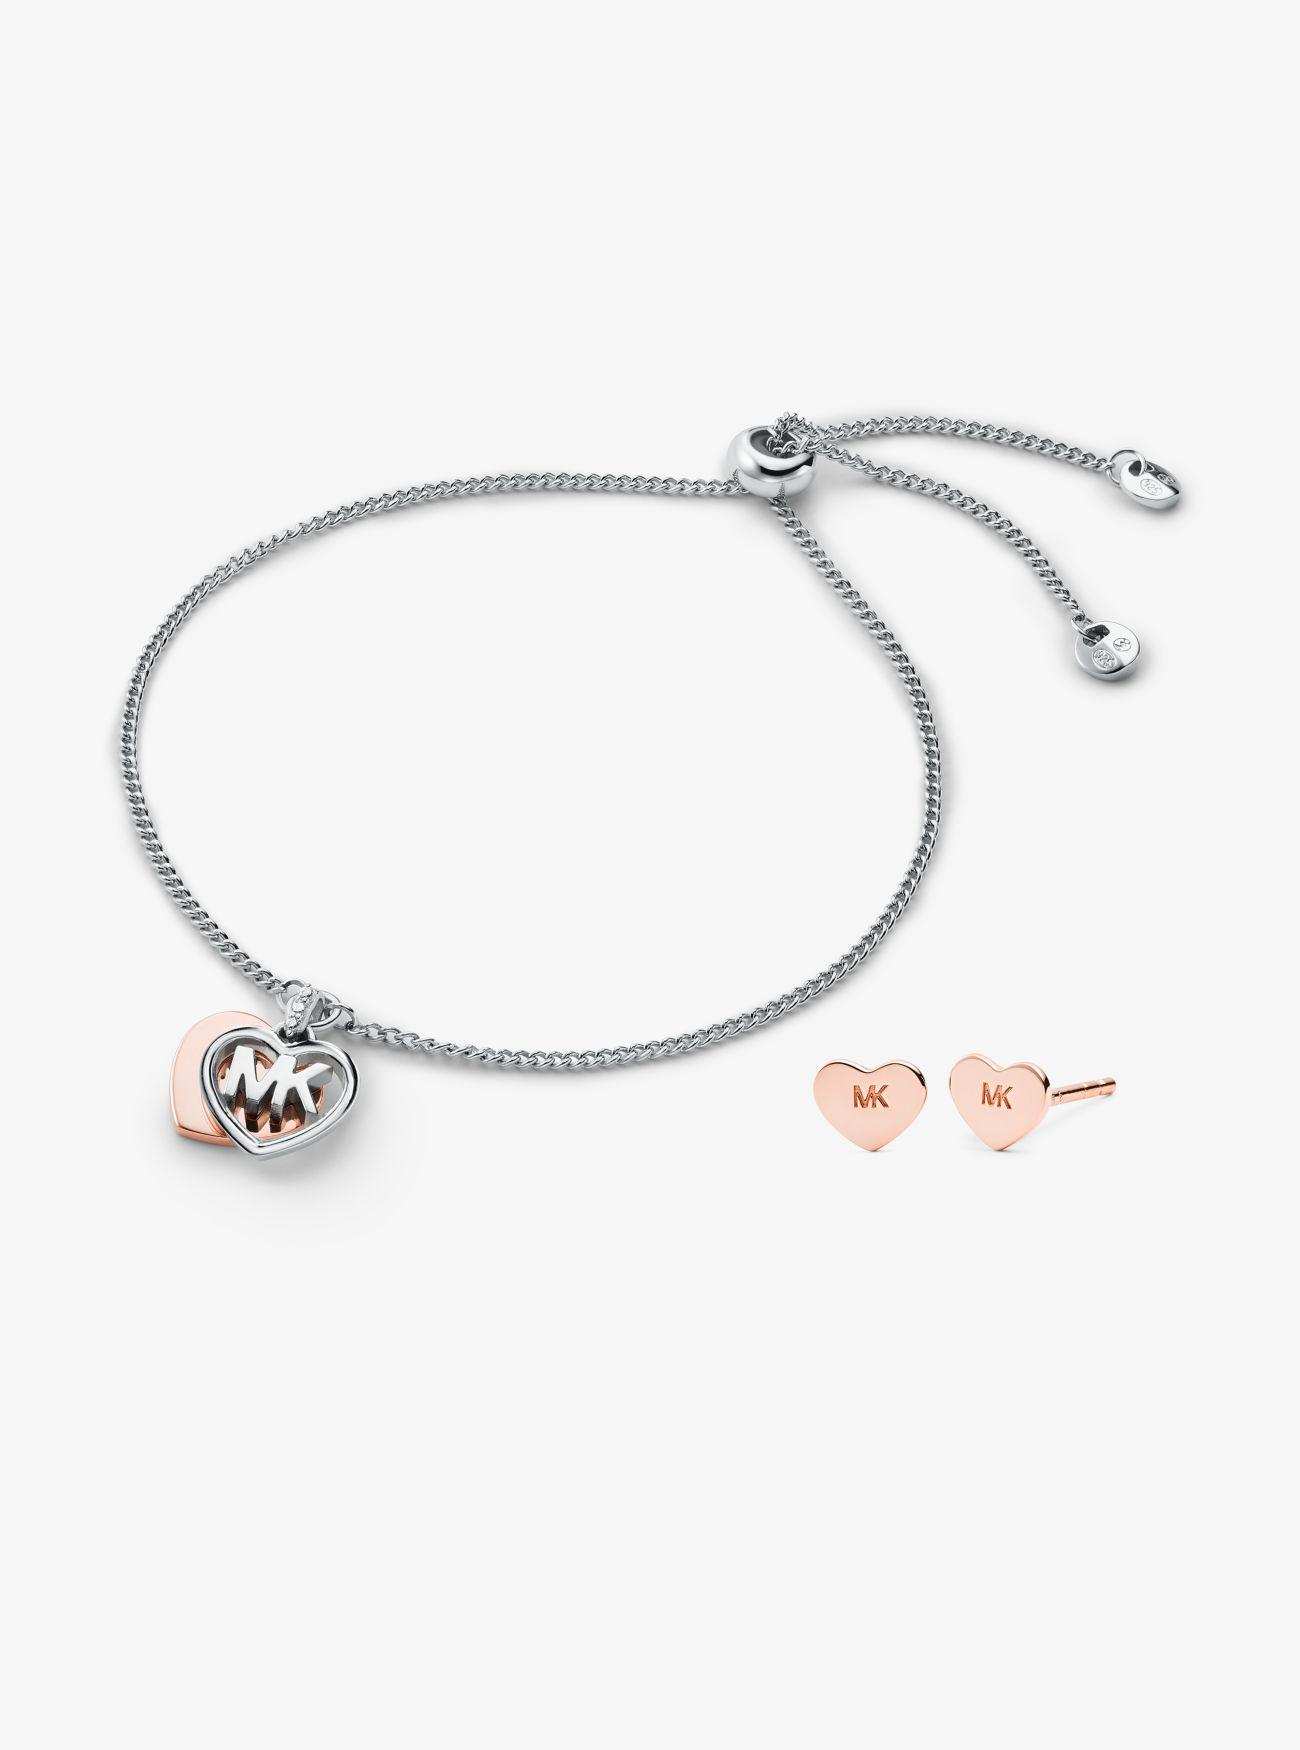 Michael Kors MK Hart Geschenkset aus Sterlingsilber • Silber